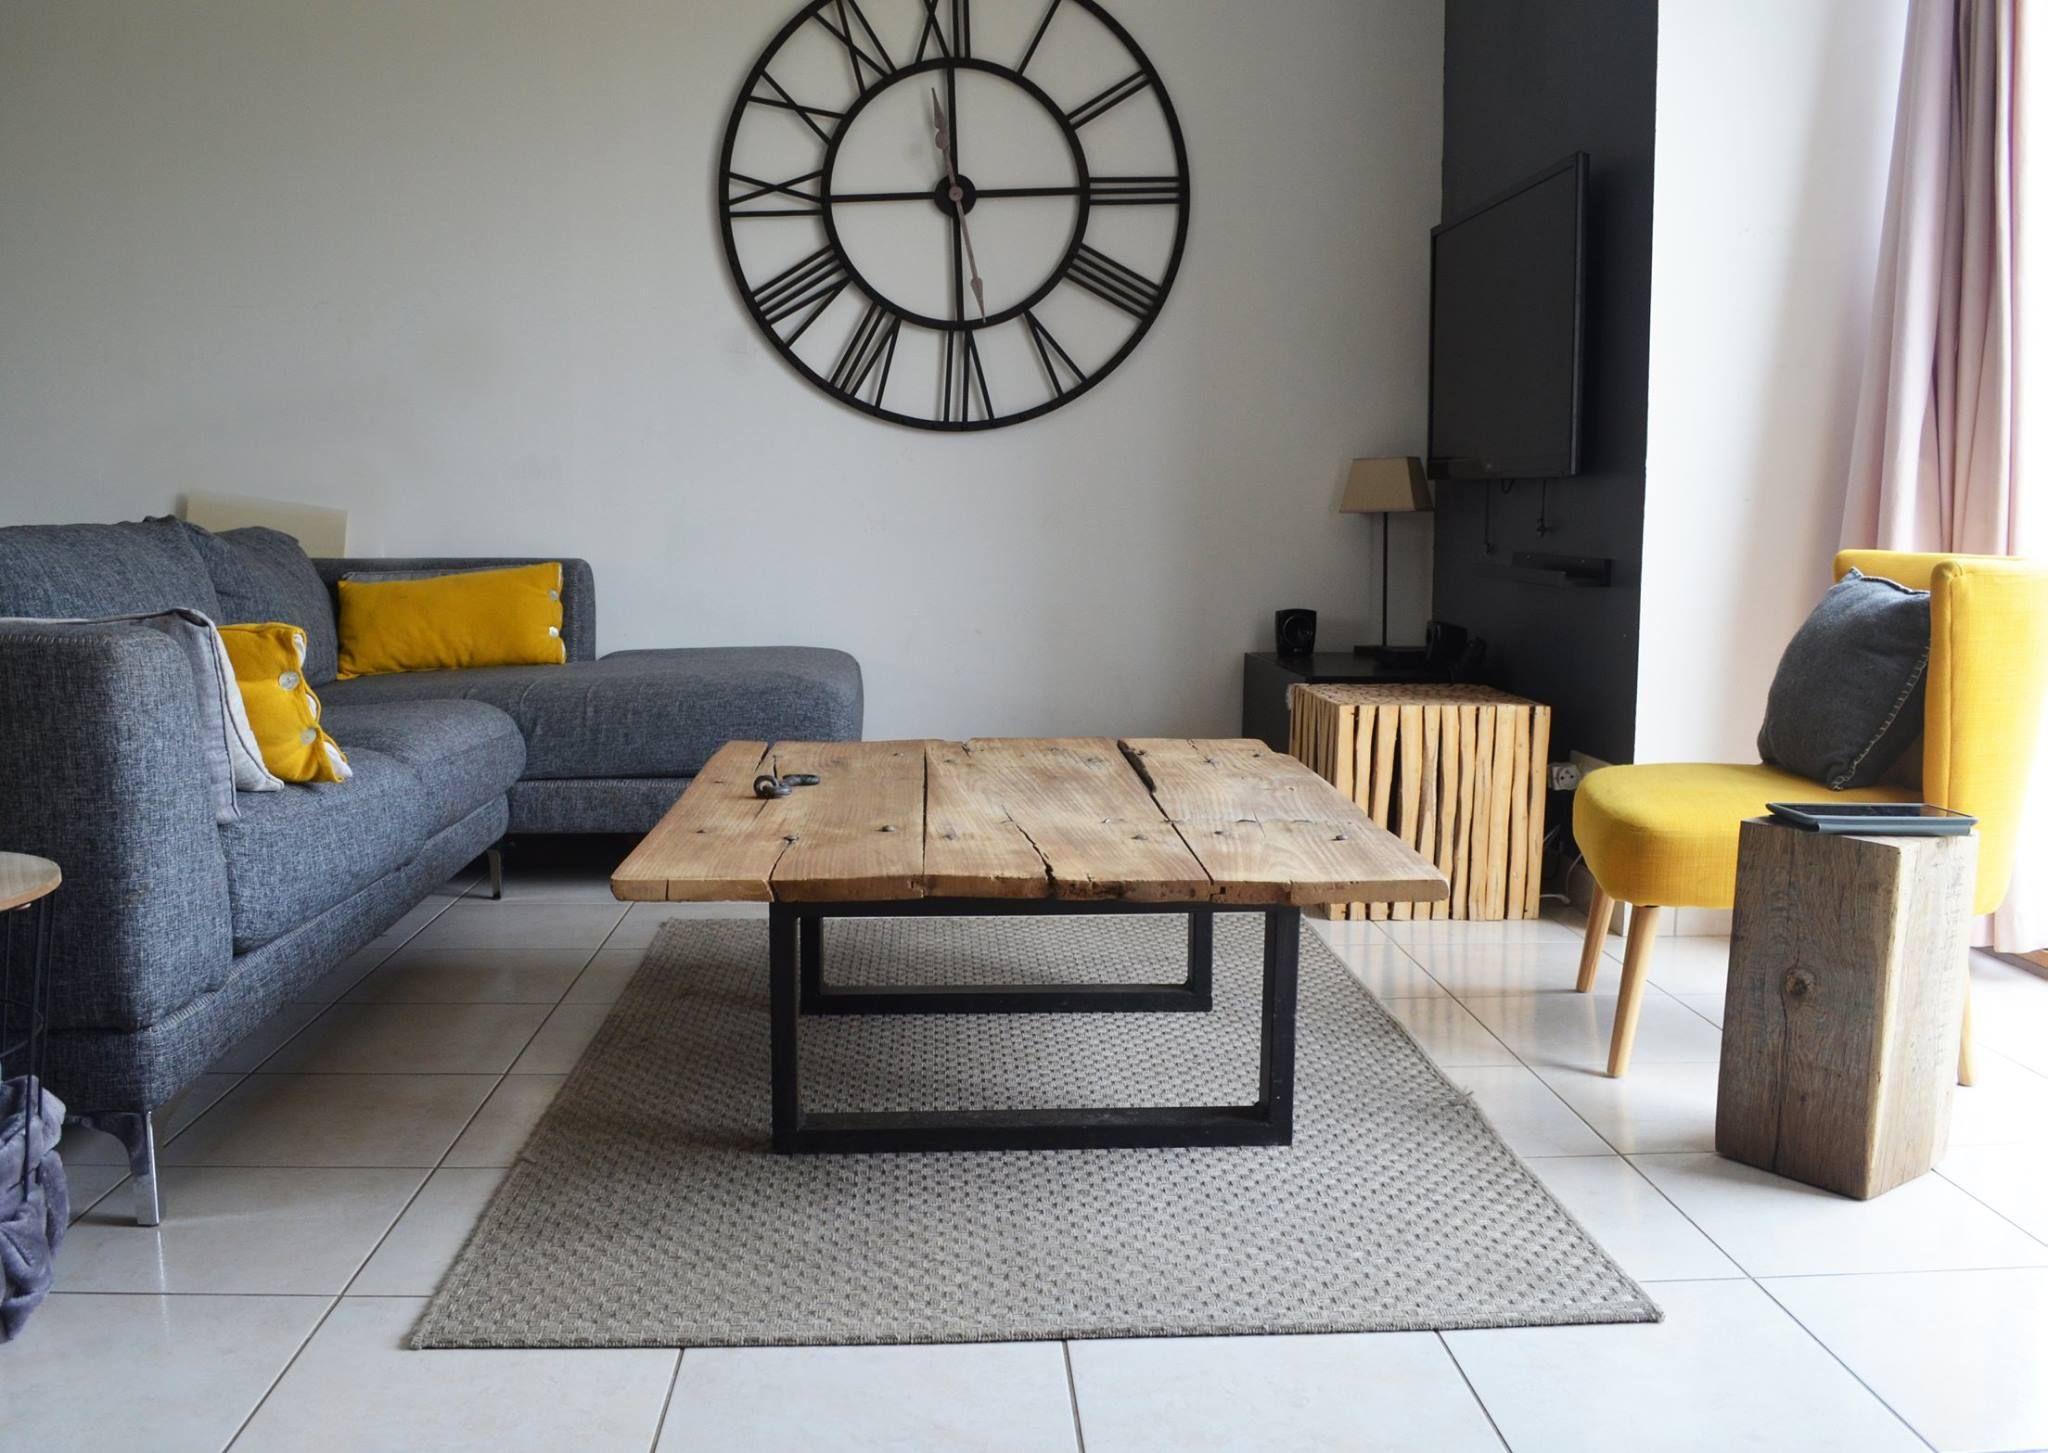 A Vendre Piece Unique Table Basse Industriellecette Table Industrielle A Ete Fabrique Avec Une Ancienne Porte De Grange Table Basse Table Industrielle Deco